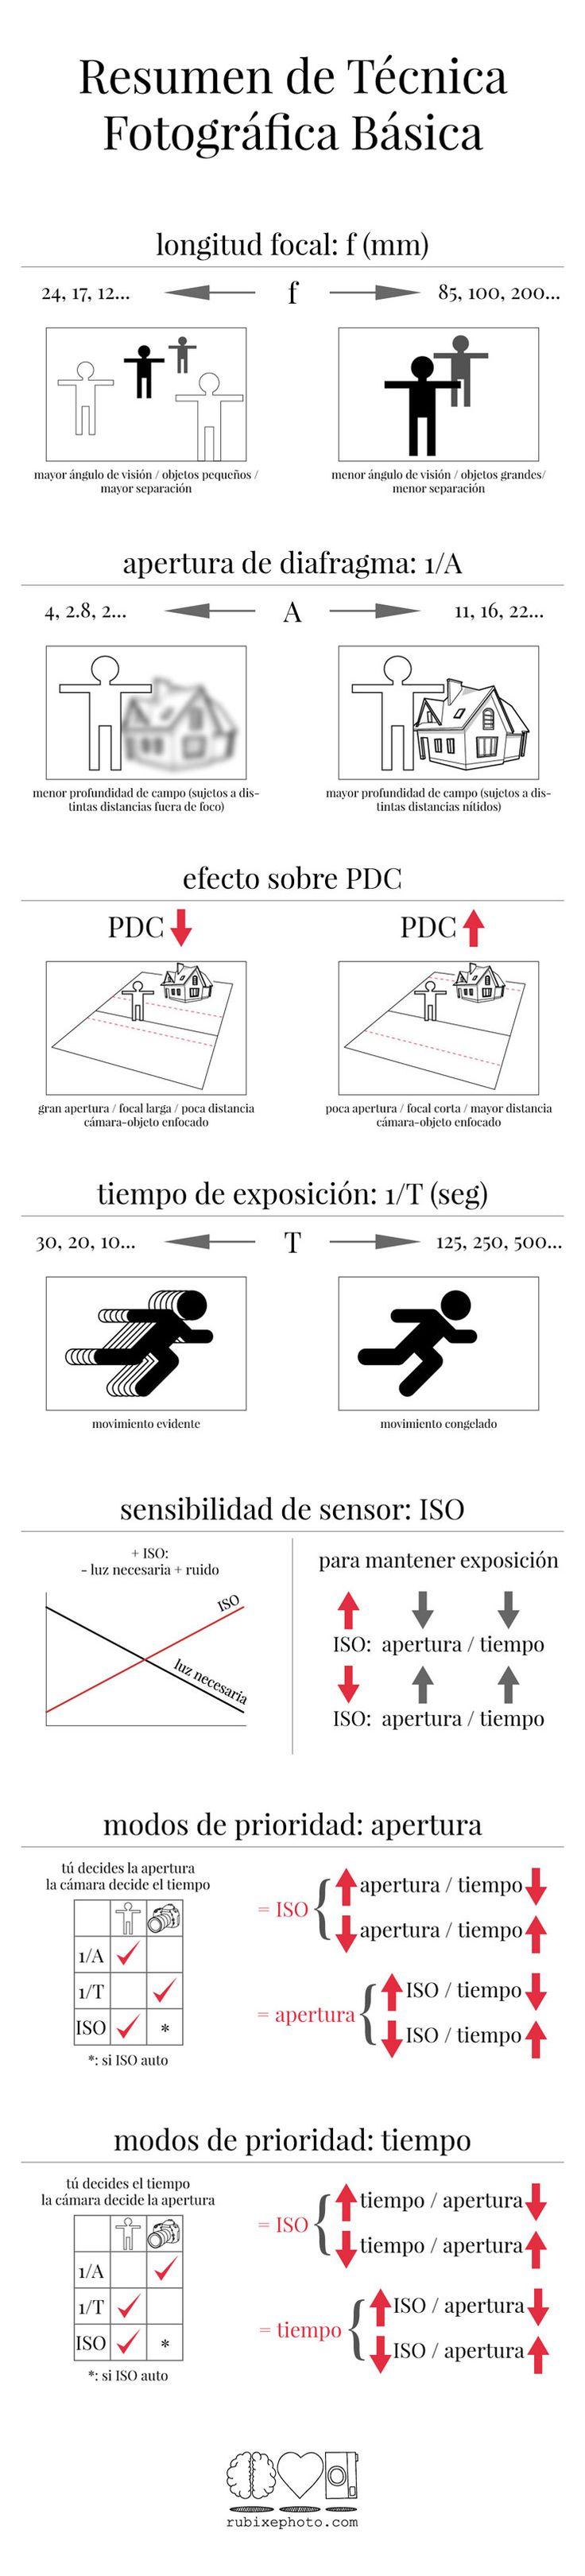 Resumen visual (infografía) con toda la técnica básica de Fotografía: longitud focal, apertura de diafragma, tiempo de exposición (velocidad de obturación), sensibilidad ISO...